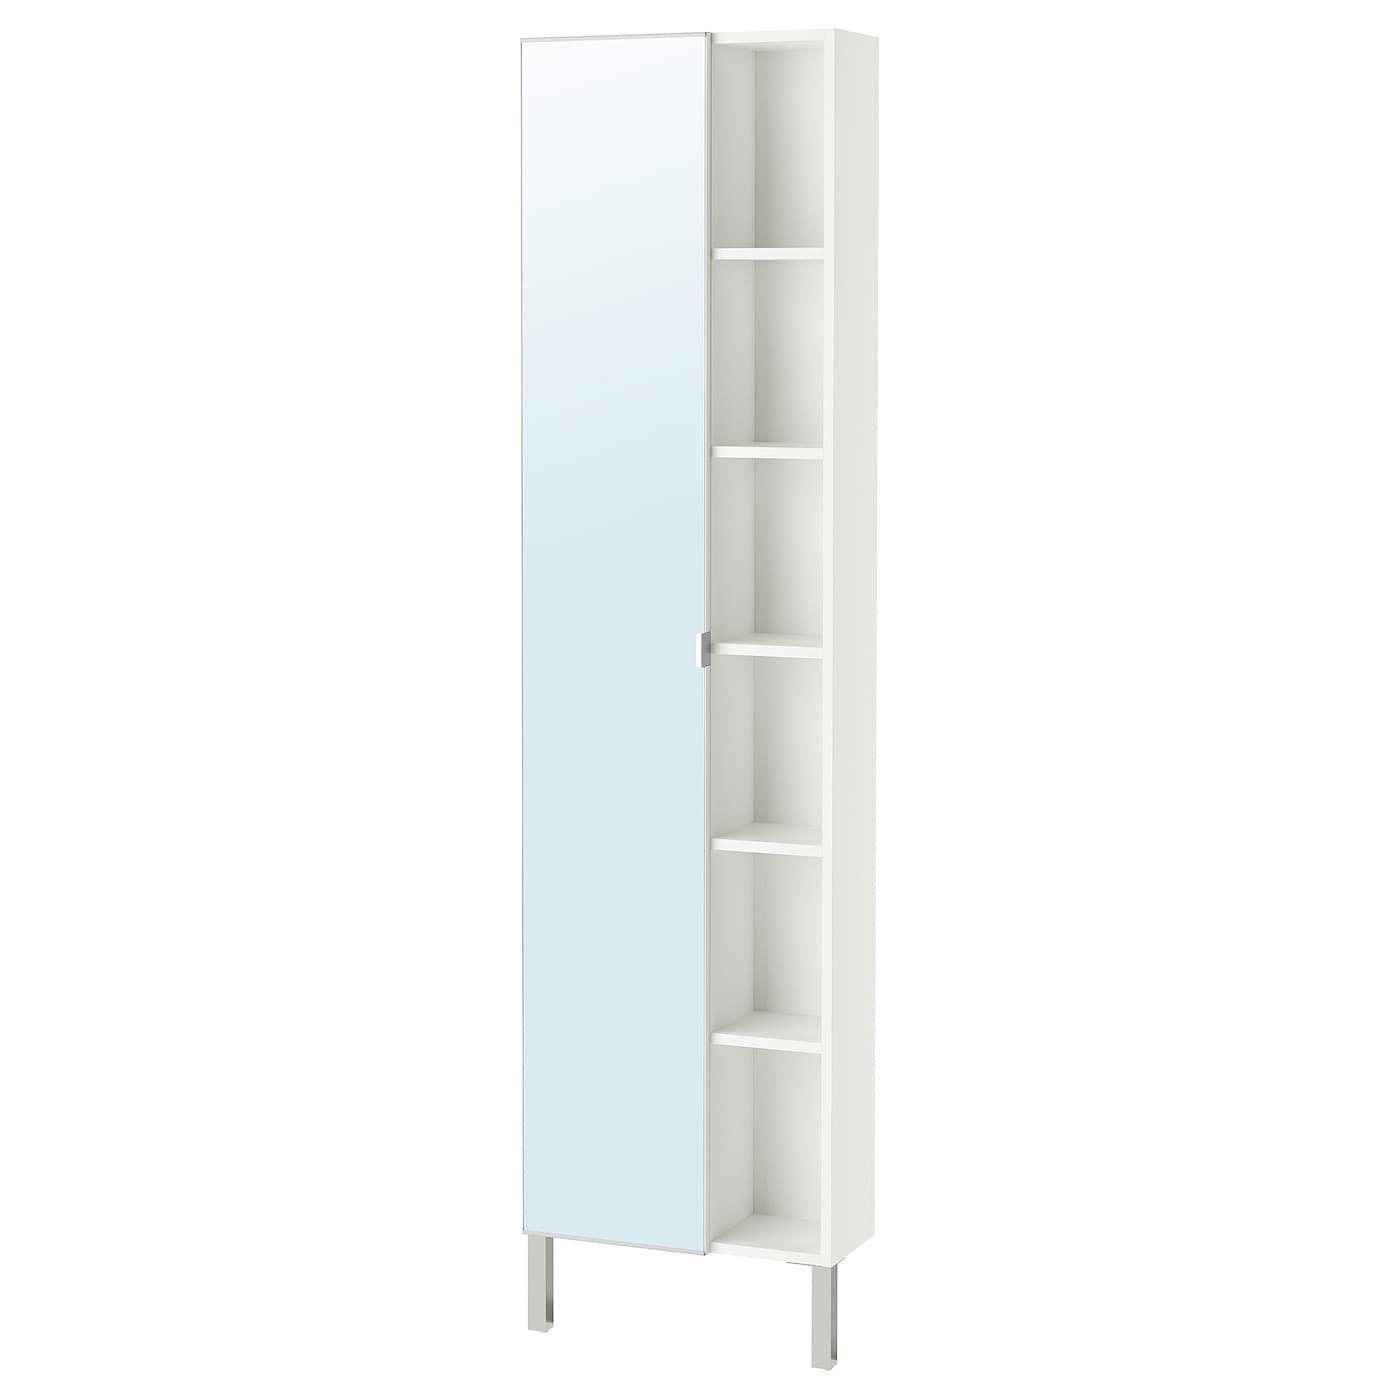 Lillangen Spiegelschrank 1 Tur 1 Abschlregal Weiss Ikea Osterreich In 2020 Badezimmer Spiegelschrank Spiegelschrank Hochschrank